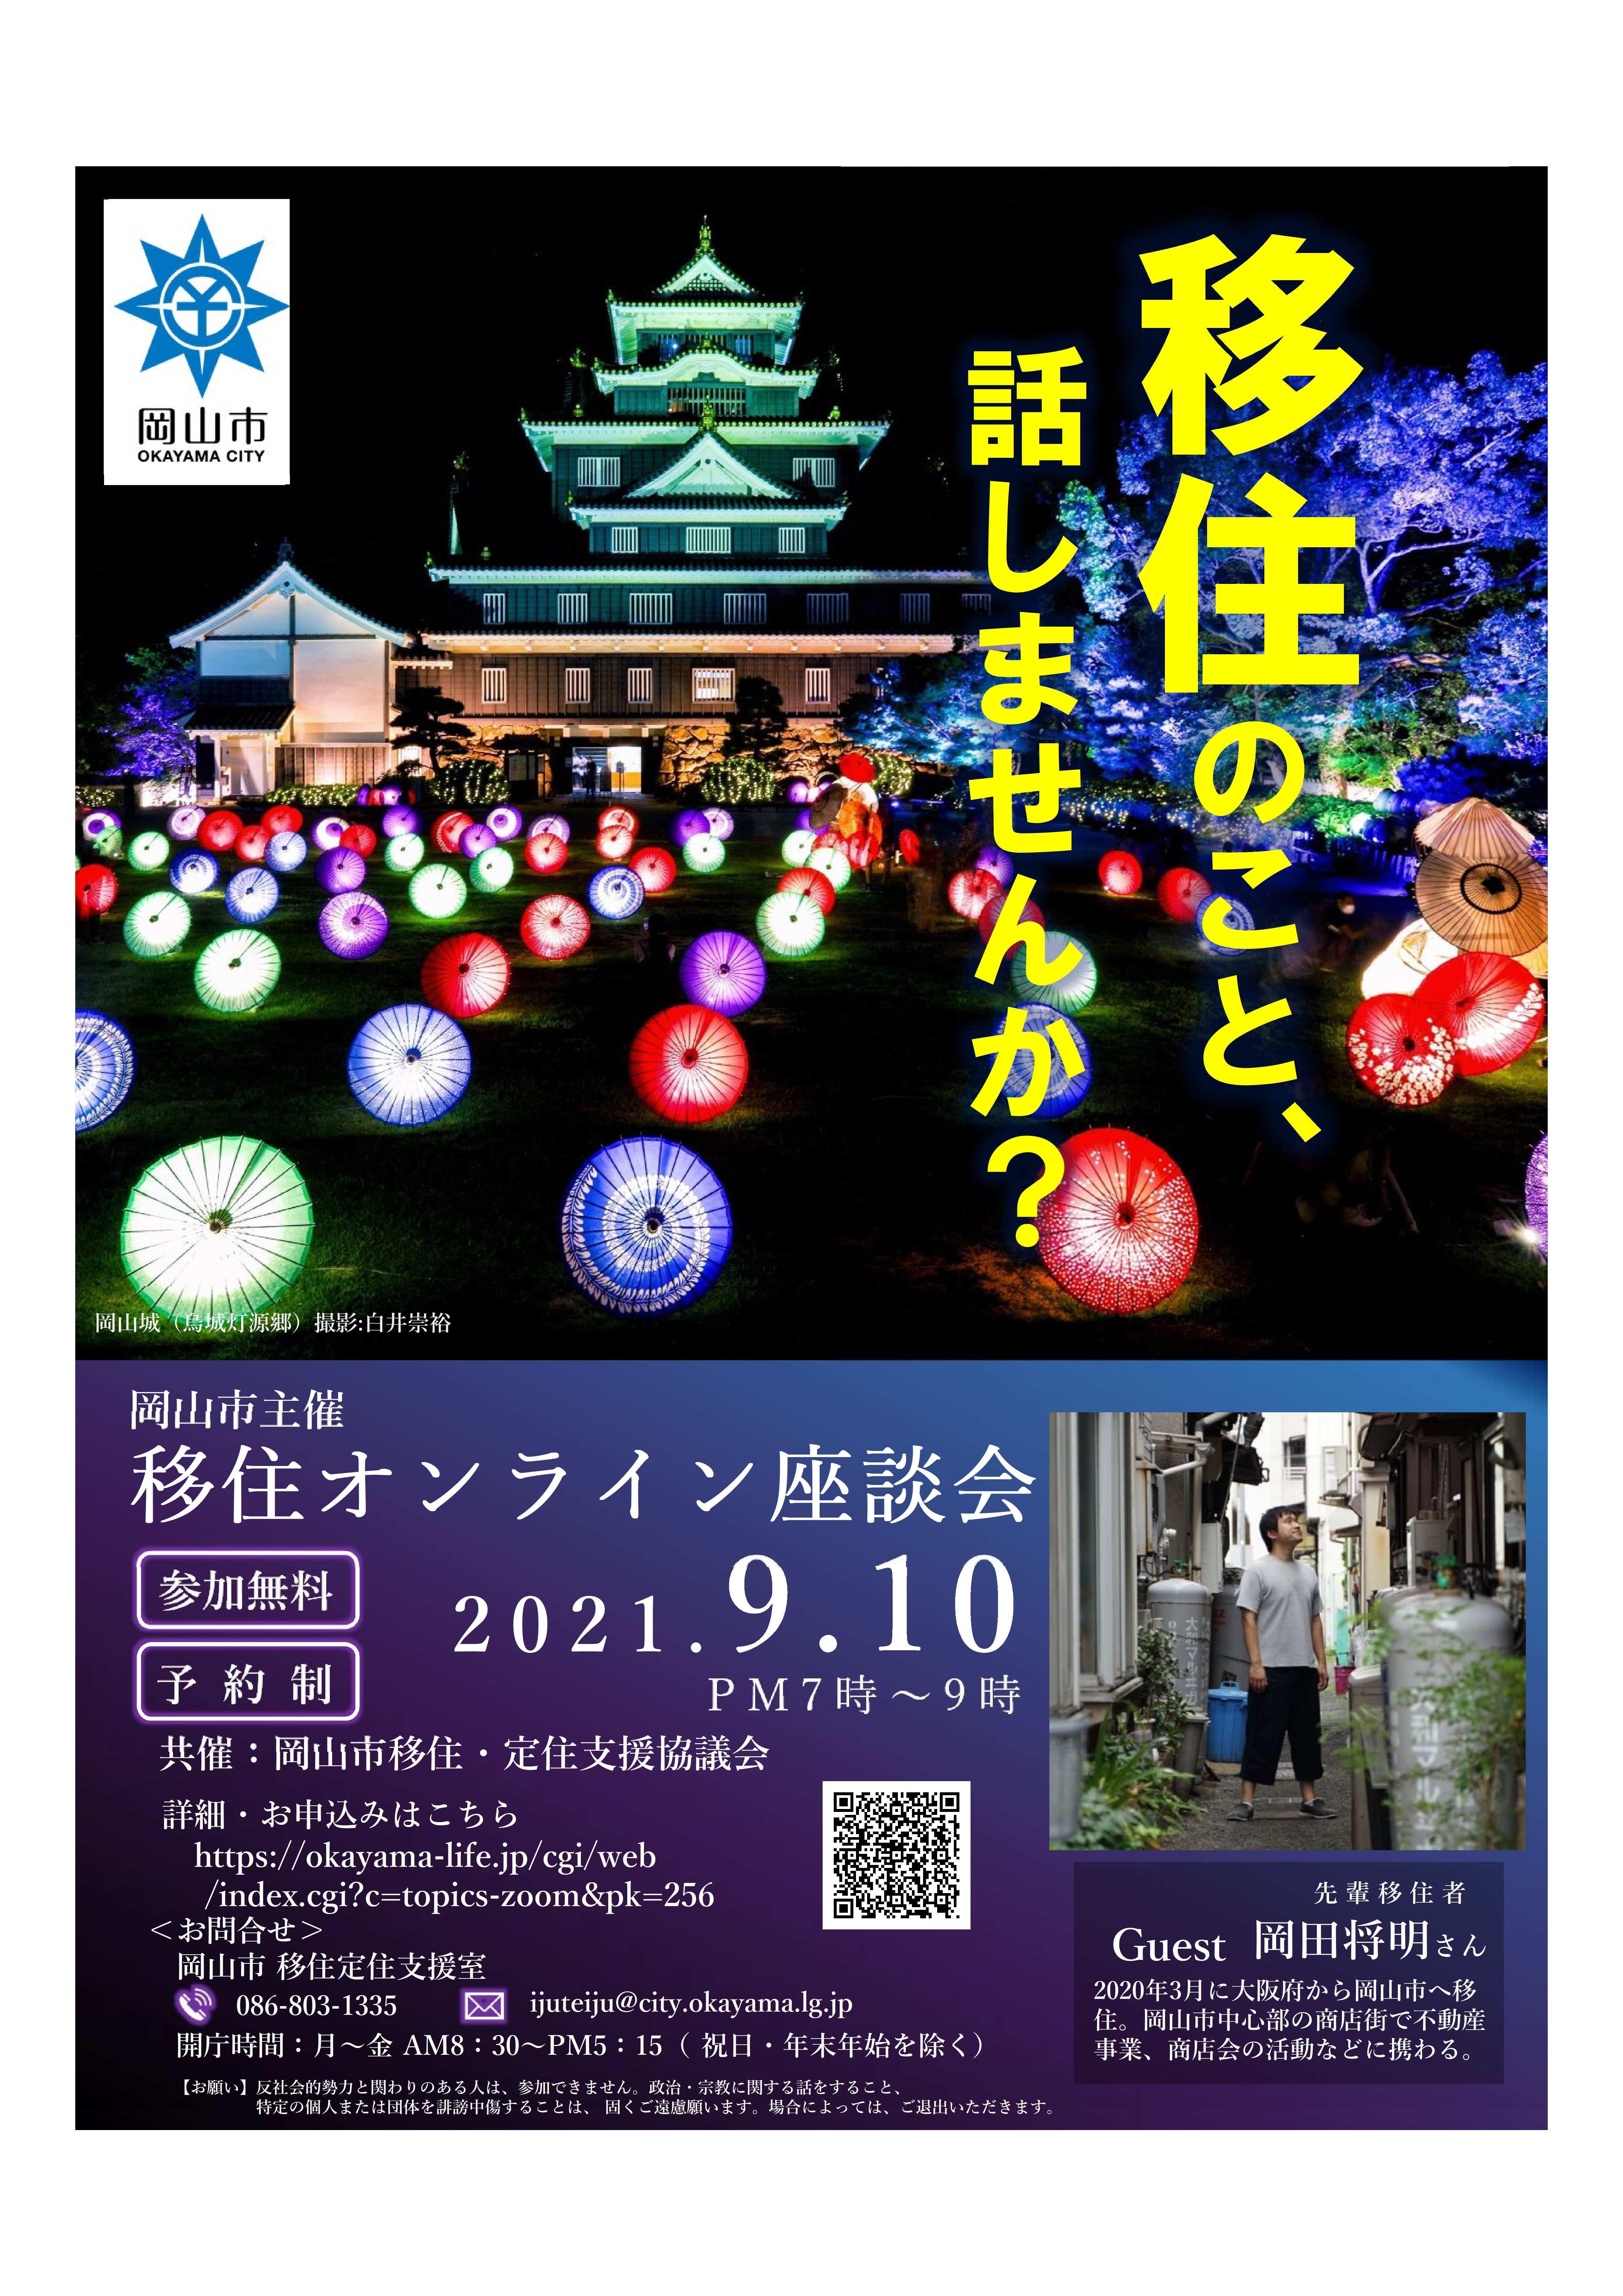 9/10(金)「岡山市移住オンライン座談会」ナイター開催します!